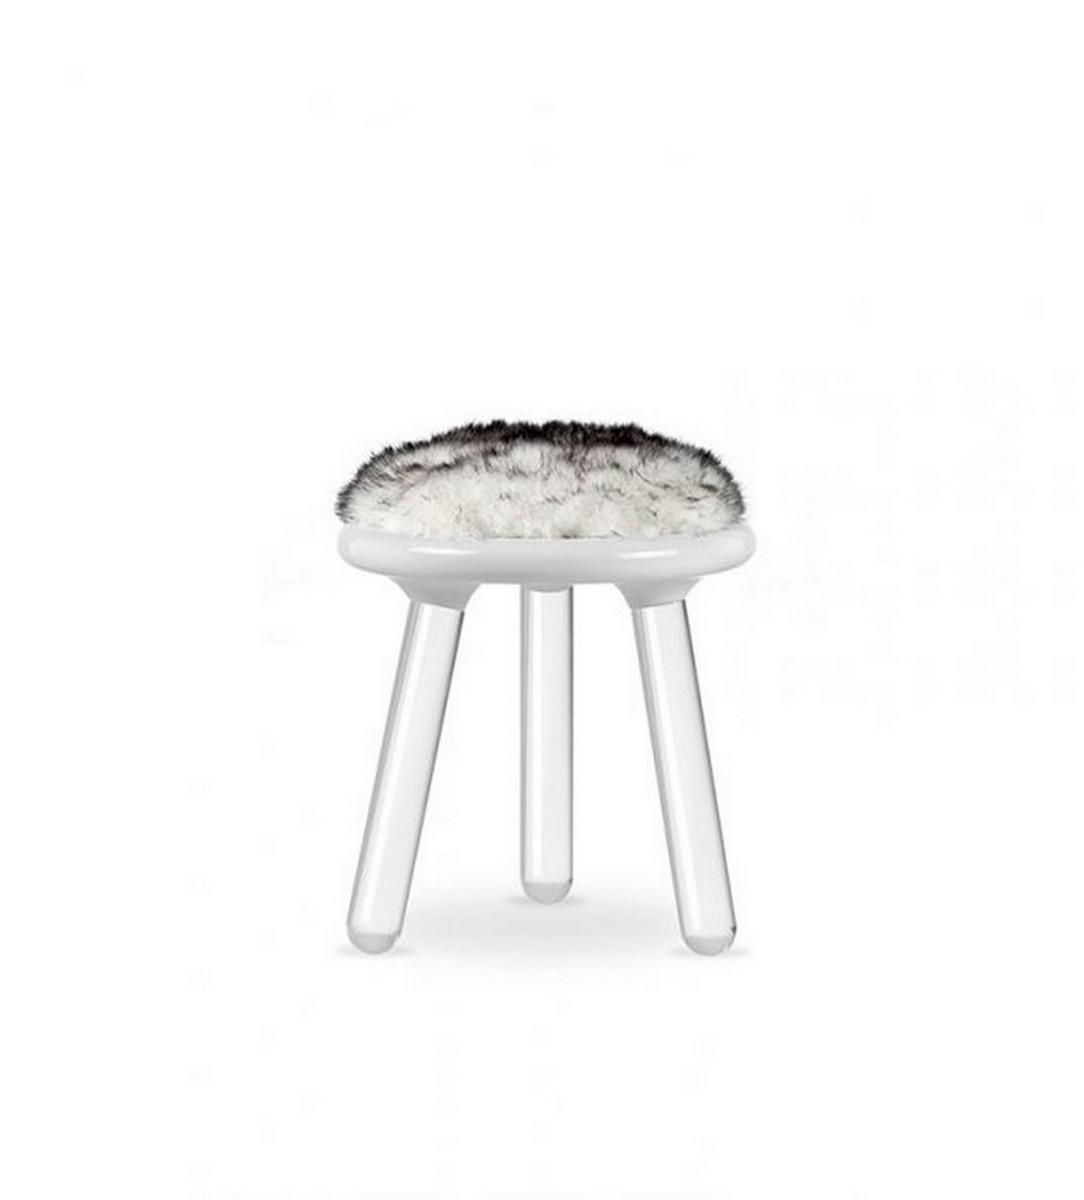 Circu Presenta una experencia exclusiva de diseño mágico diseño mágico Circu Presenta una experencia exclusiva de diseño mágico illusion stool white bear circu magical furniture 1 1